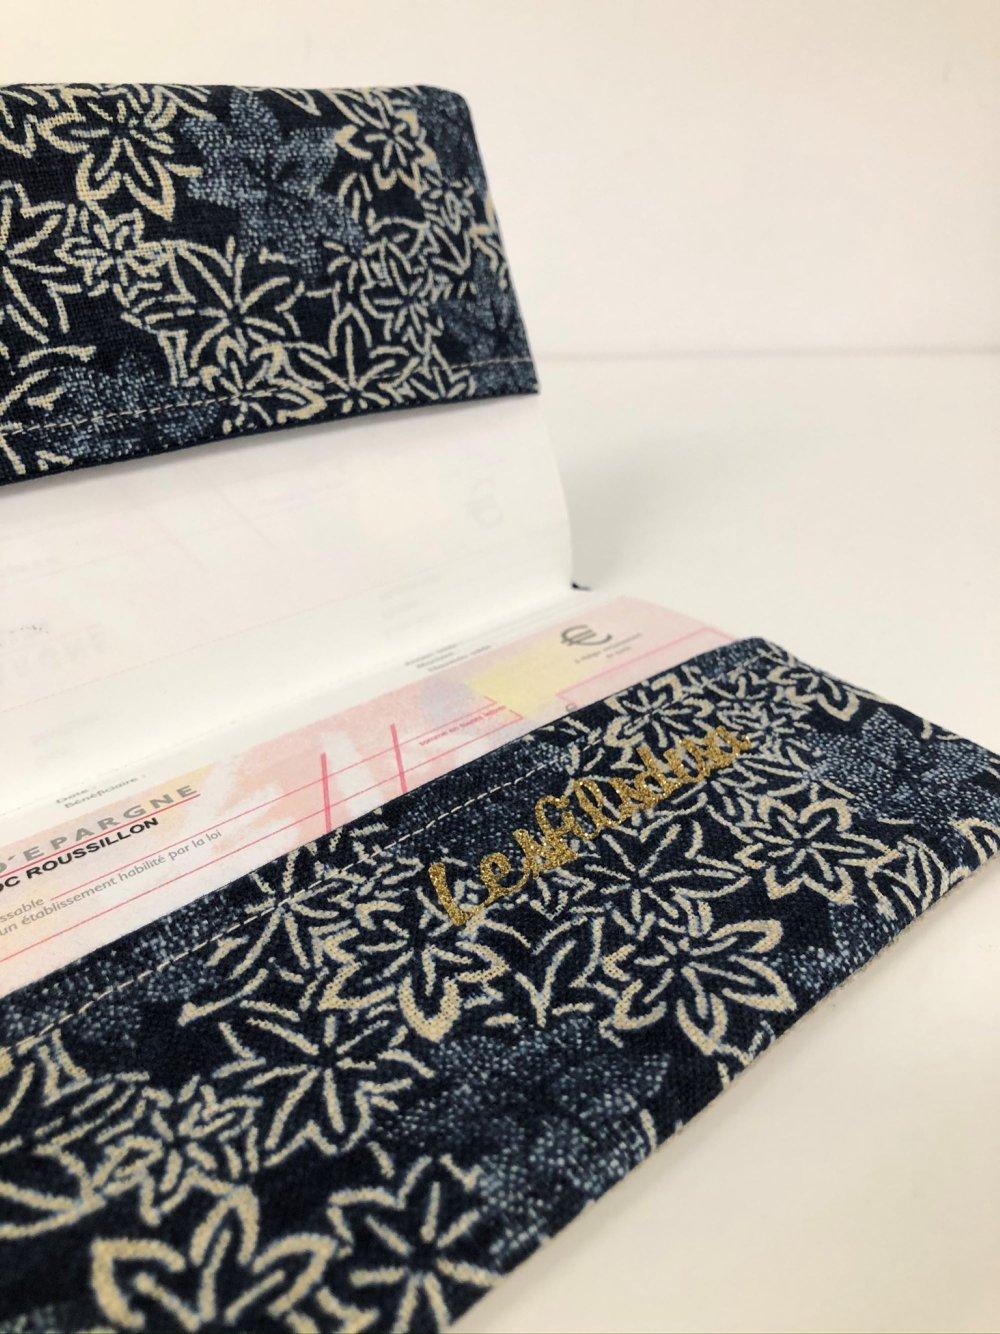 Etui chéquier en lin et tissu japonais bleu indigo / Porte chéquier format portefeuille beige bleu doré / Etui personnalisable